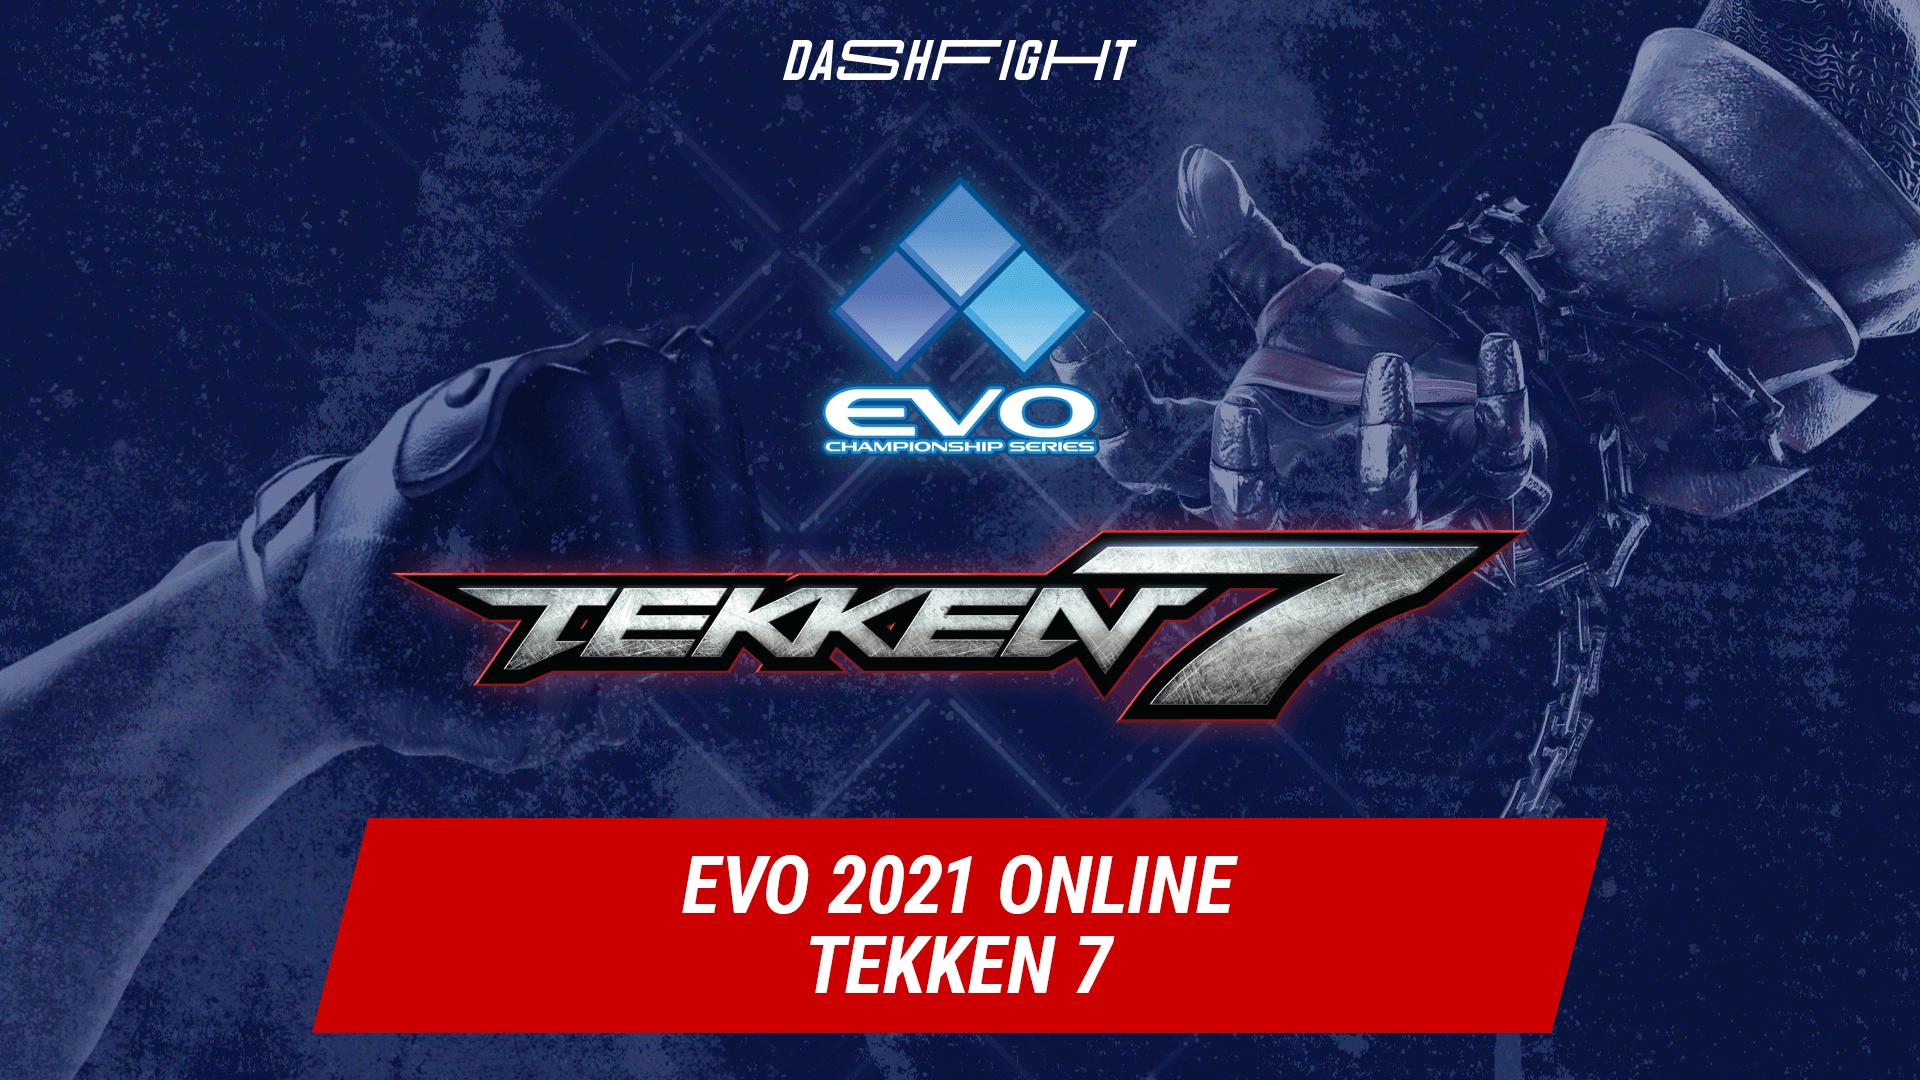 Tekken 7 Evo 2021 Online: Schedule, Brackets and Results